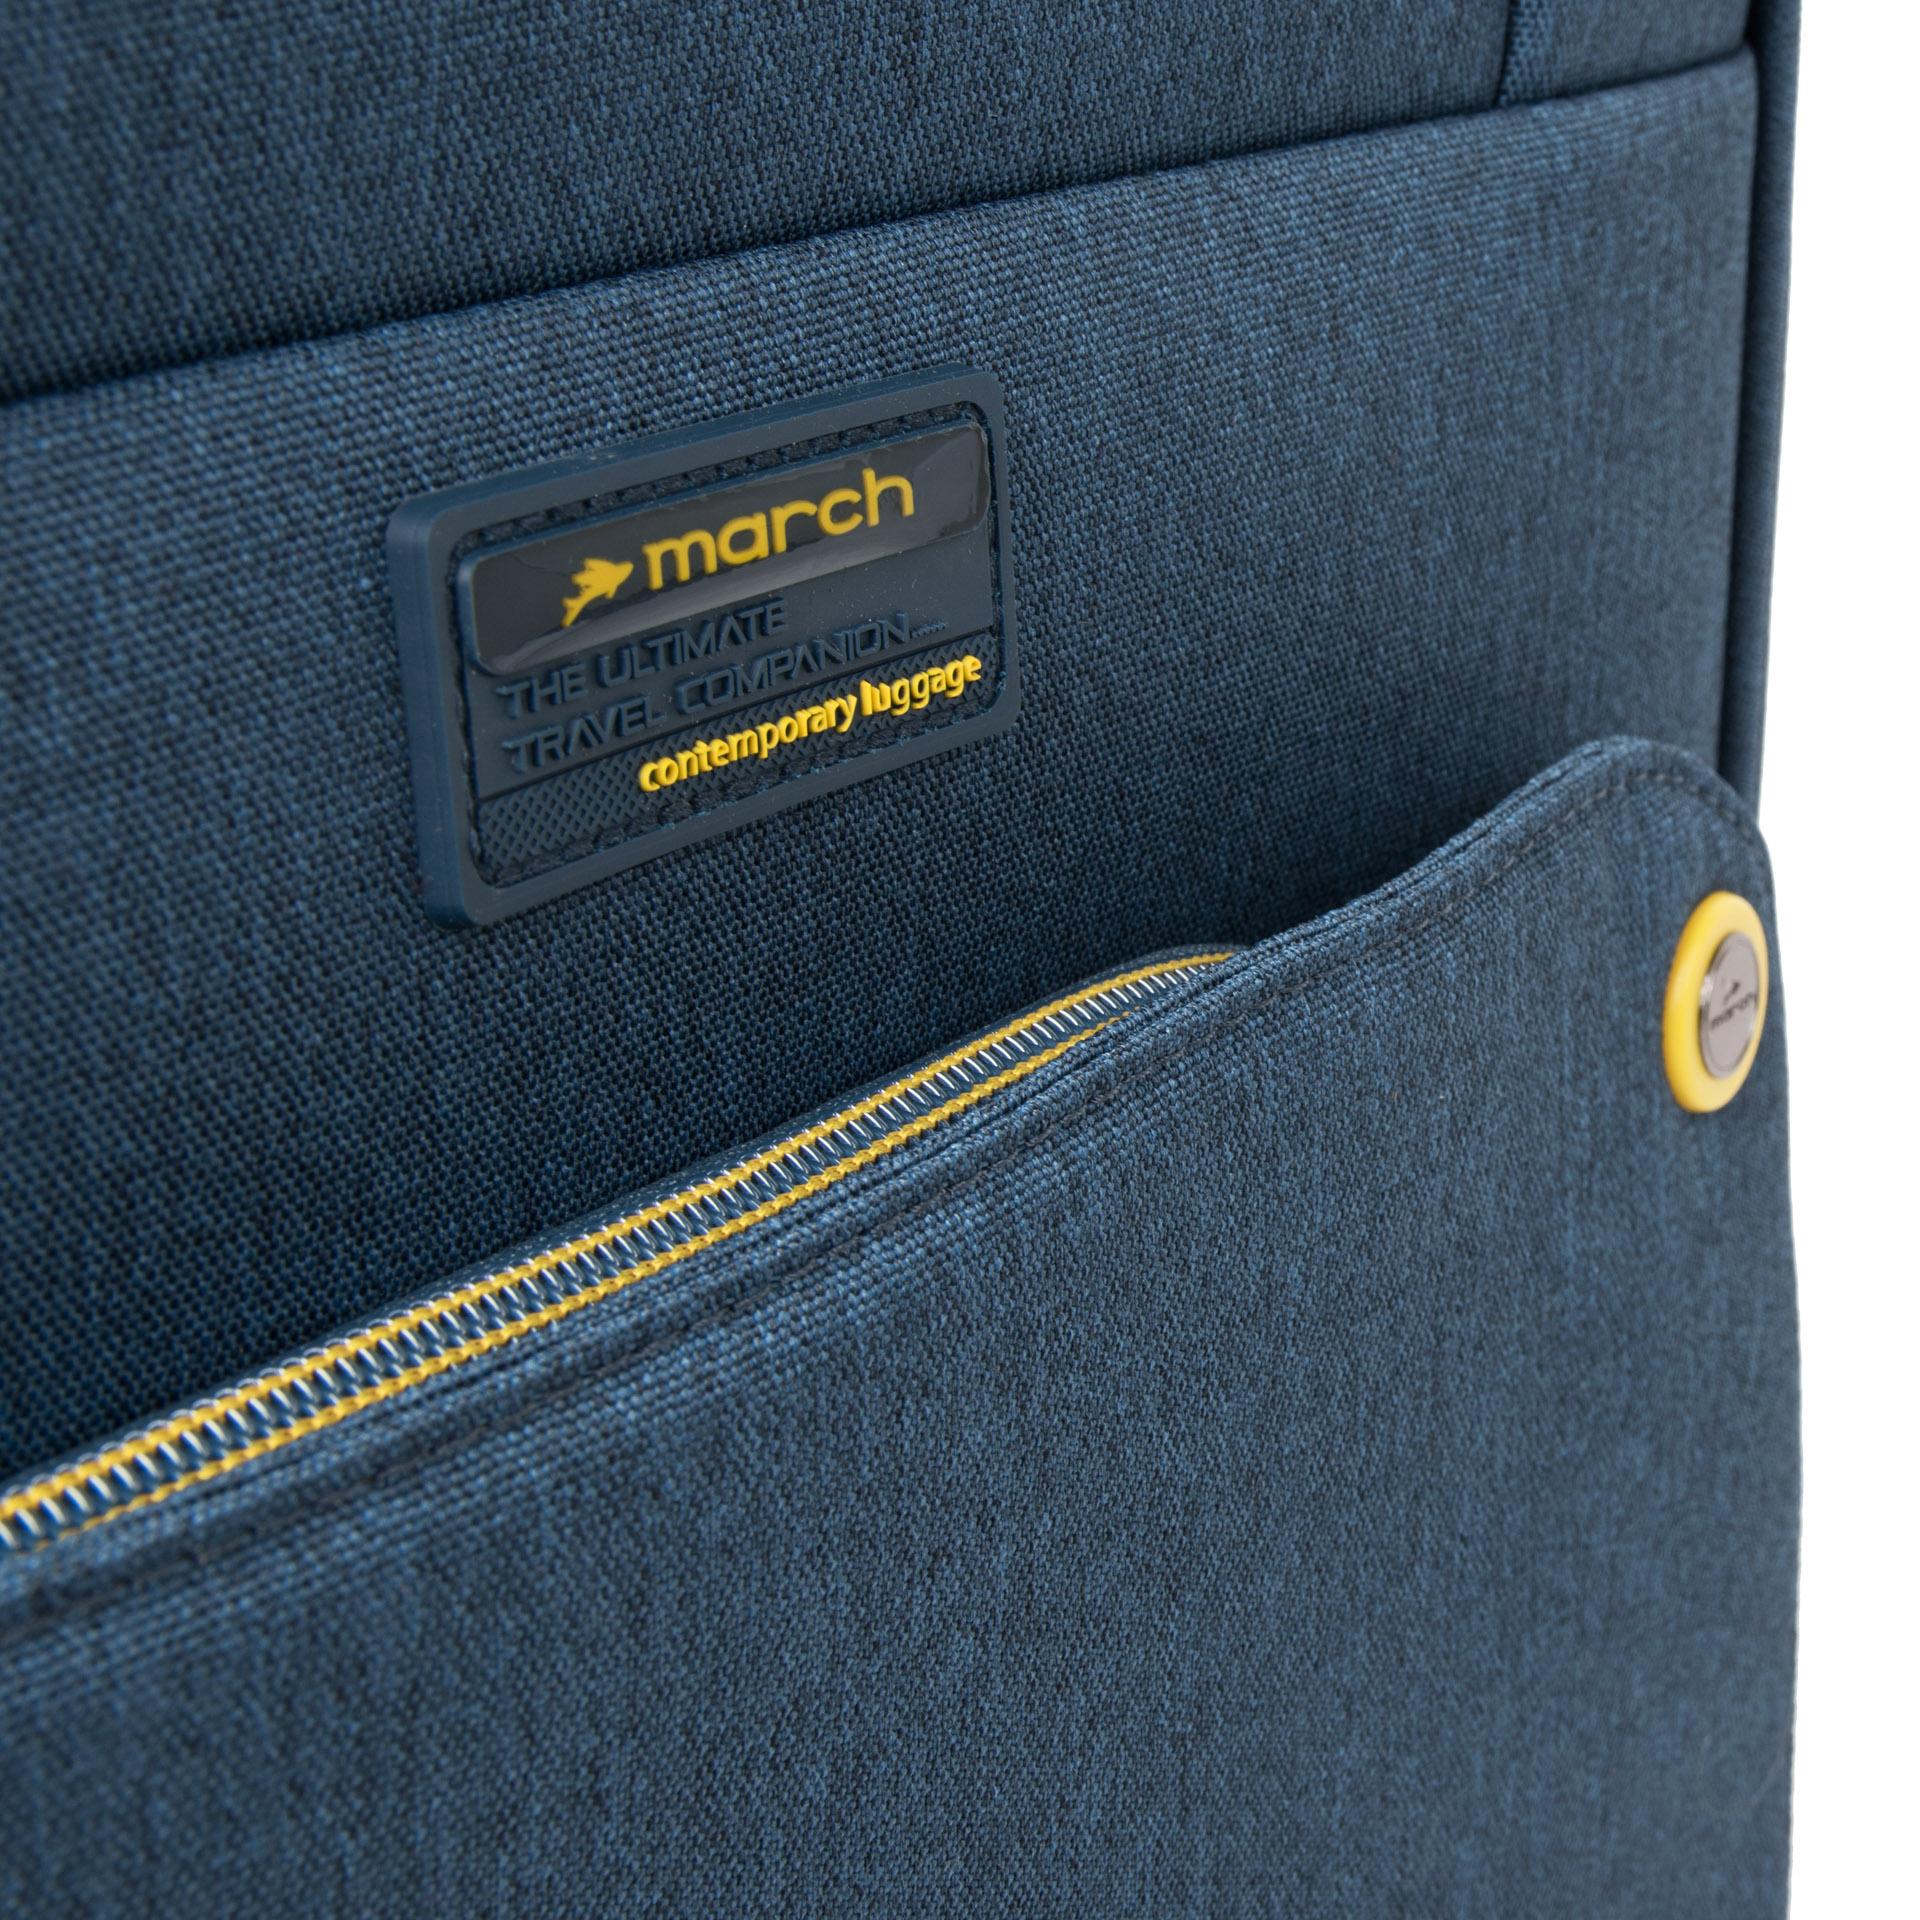 March Shorttrack S Navy/yellow Pekný palubný kufor March Shorttrack je vhodný pre příložitostné cestovanie.  - batožina je väčšinou leteckých spoločností akceptovaná ako palubných - štyri odľahčené dvojkolieska - kvalitná hliníková rukoväť s tlačidlom pre uzamknutie na madle - integrovaný TSA kombinačný zámok - luxusný interiér kufru s obojstranným baliacim systémom - päťročná záruka